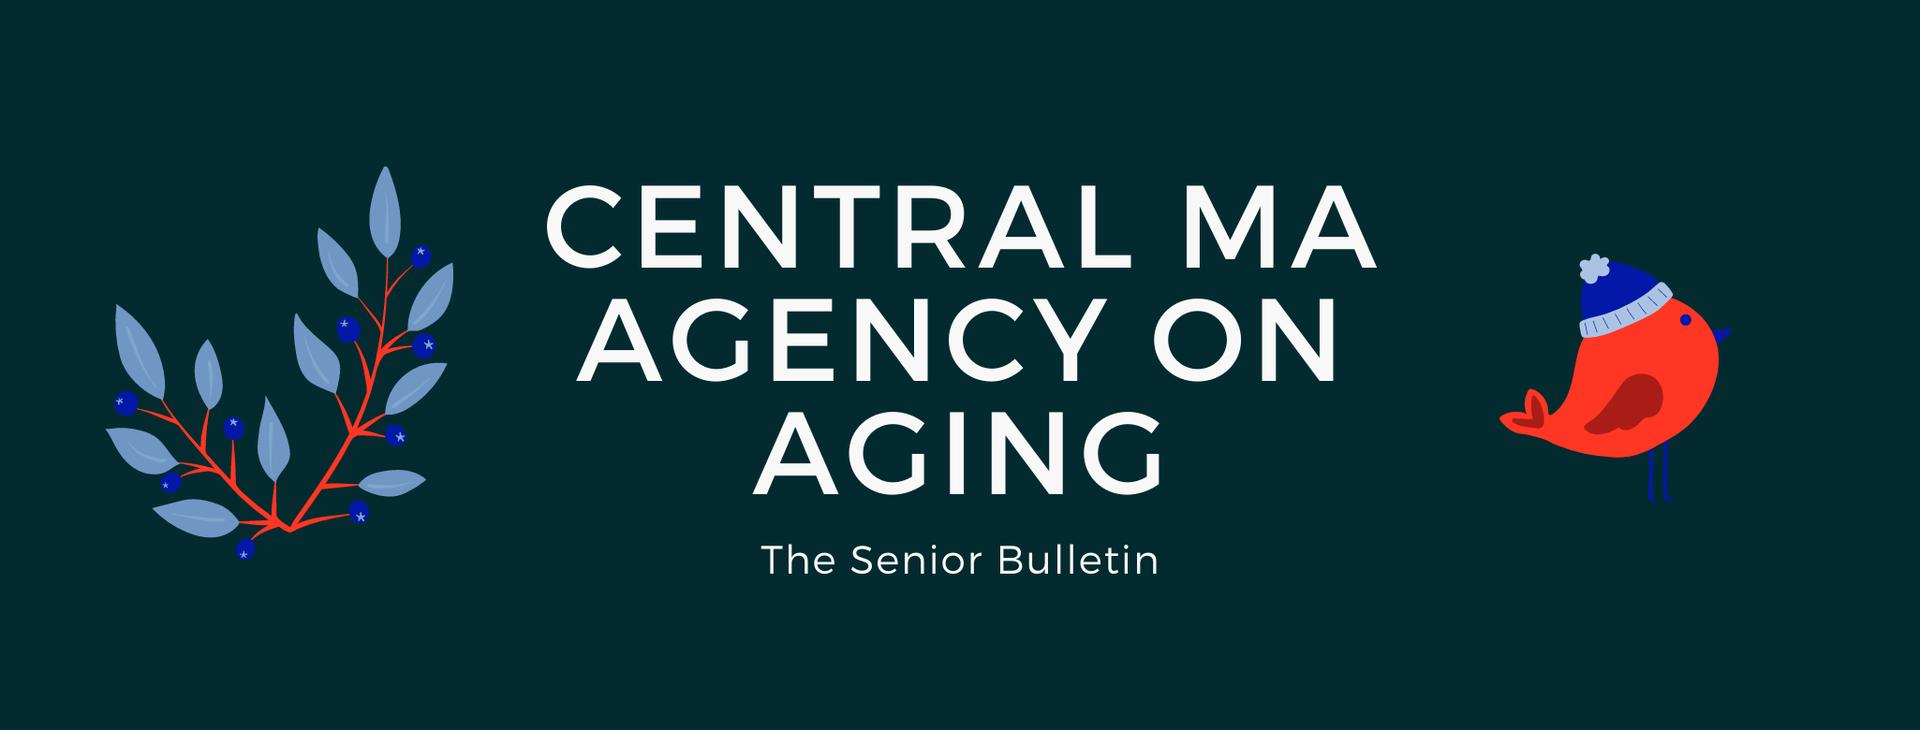 Central Massachusetts Agency on Aging, Inc. logo